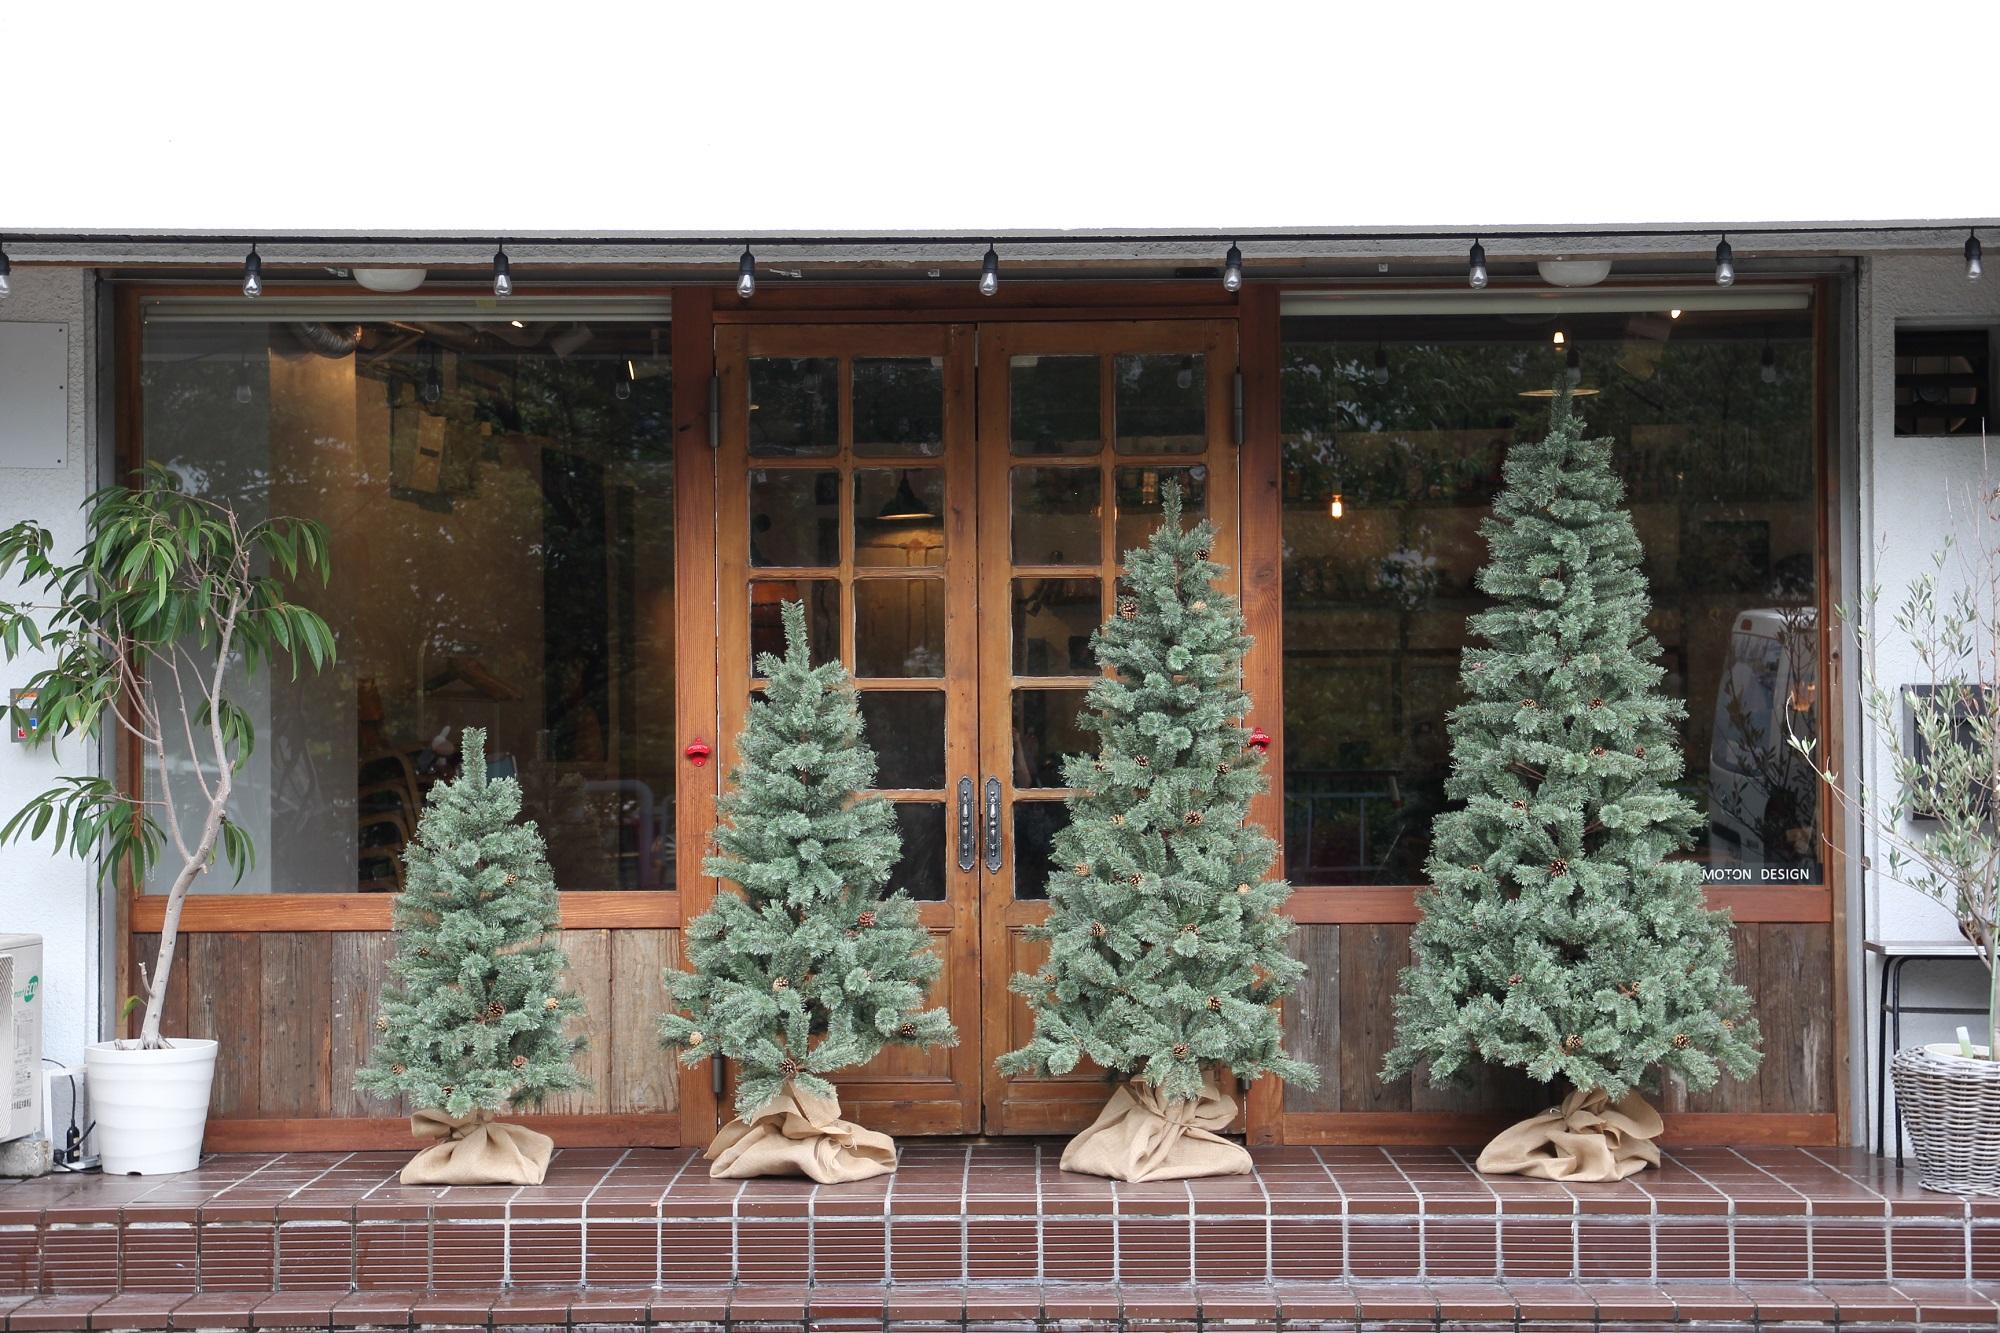 クリスマスツリー ラトヴァ